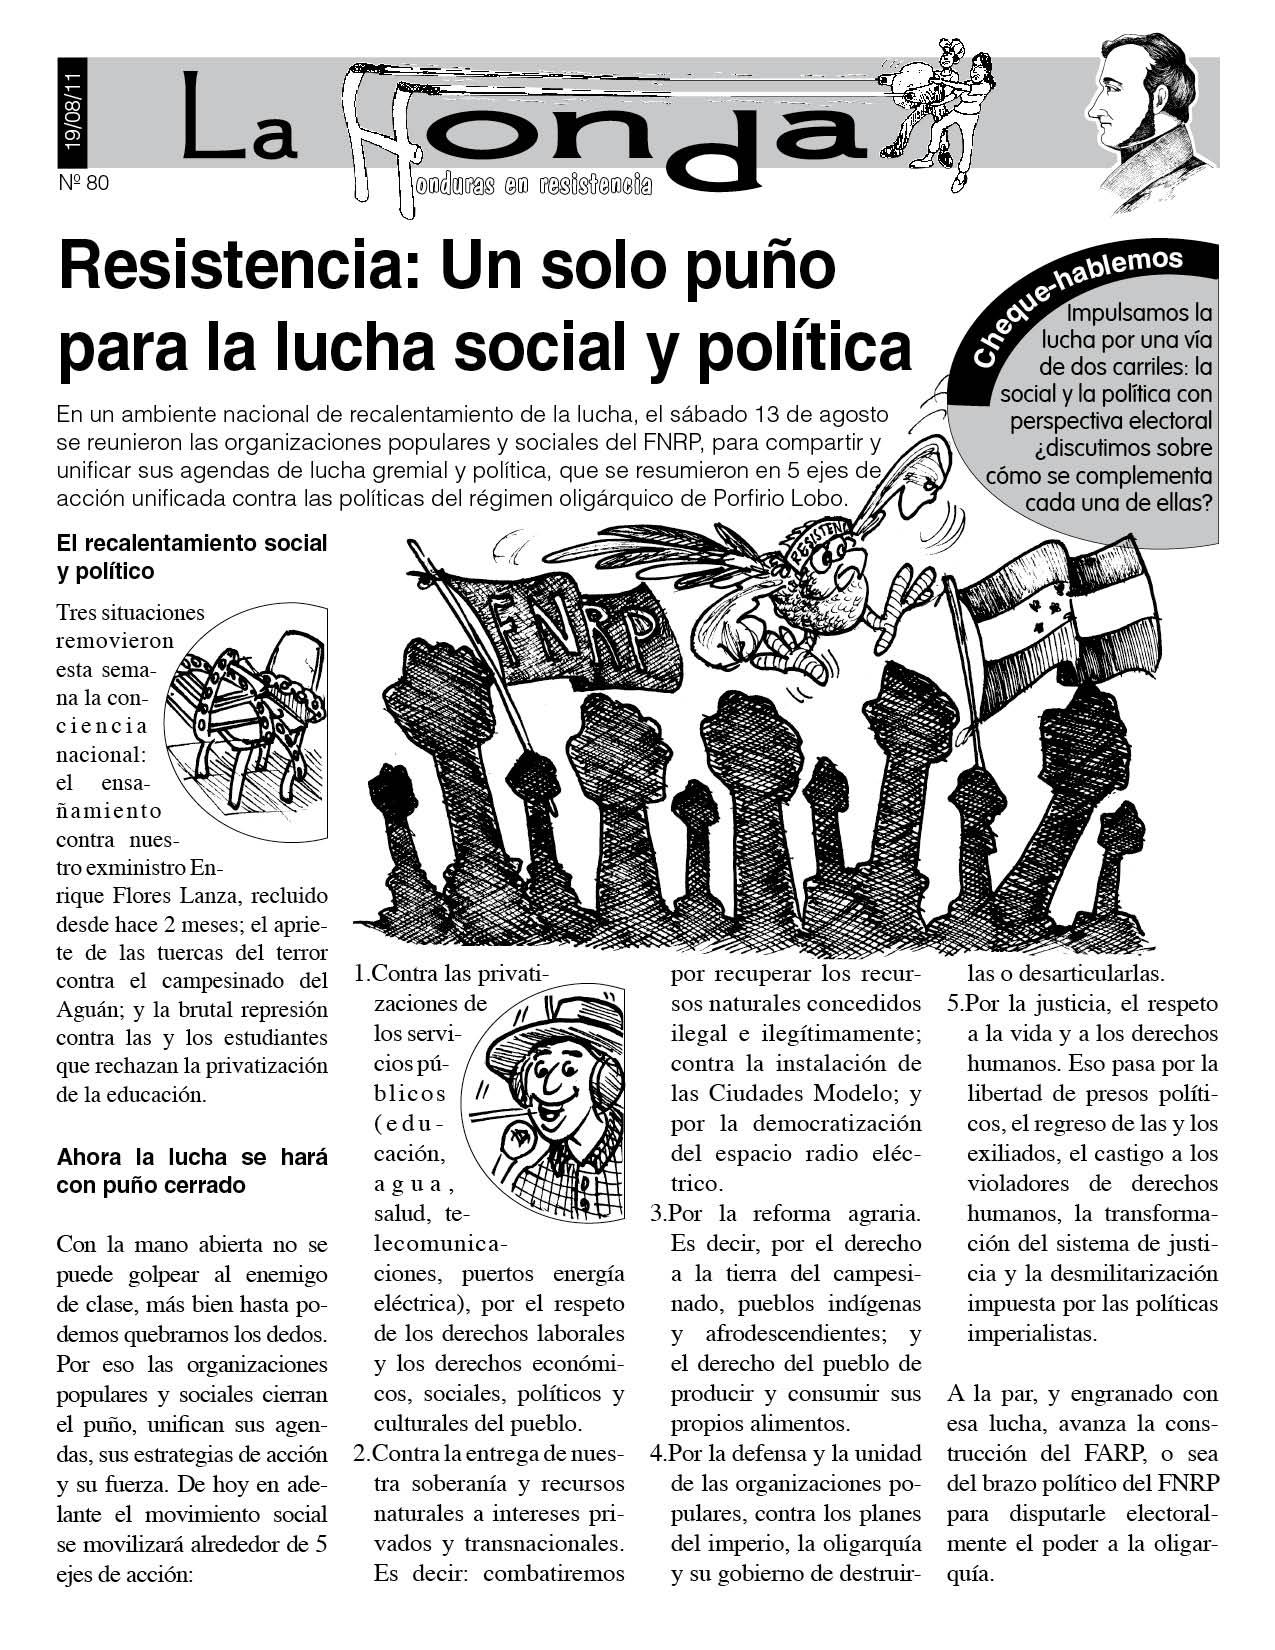 La Honda 80: Resistencia un solo puño para la lucha social y política